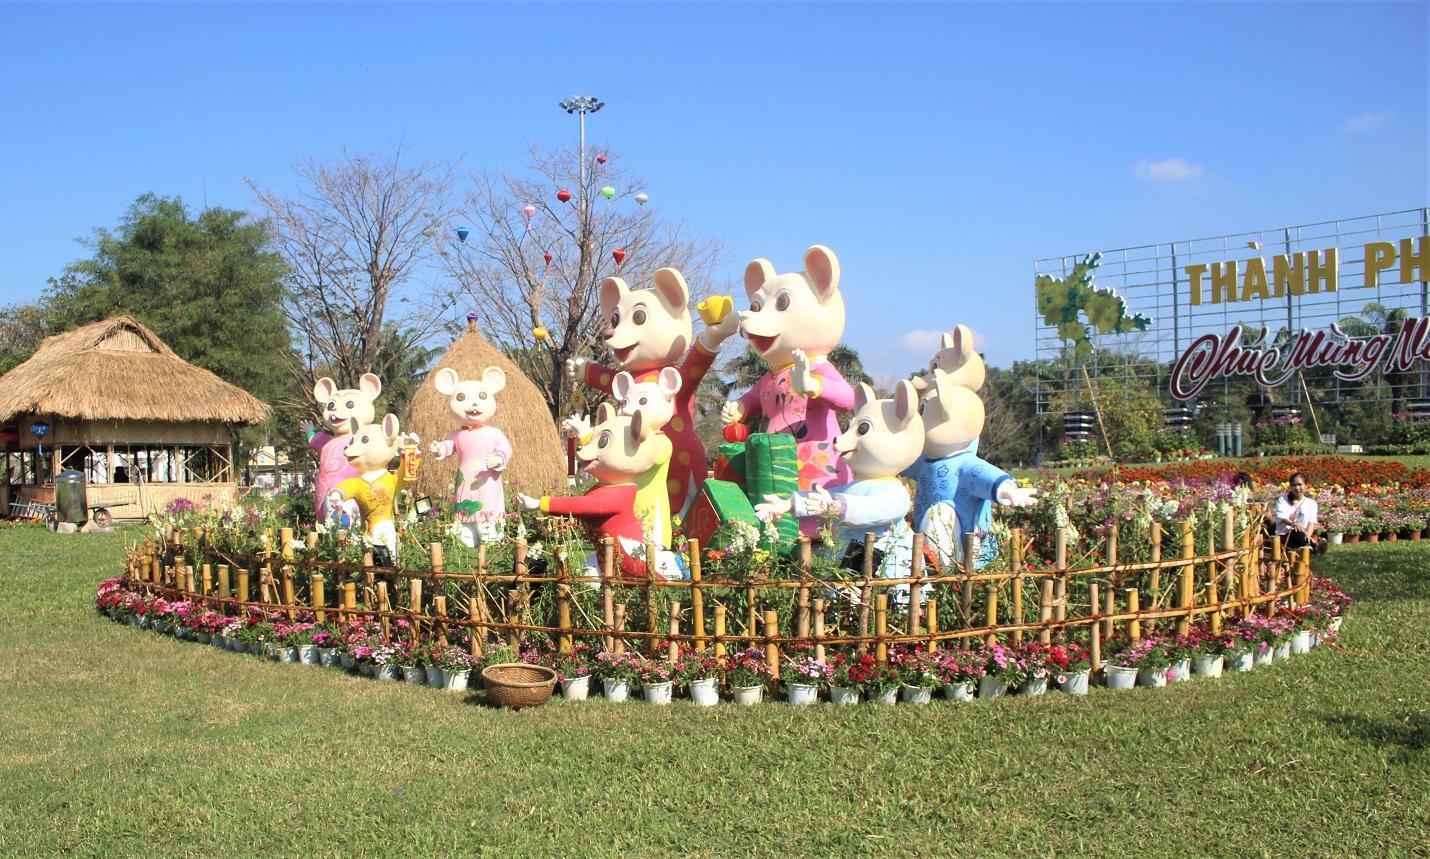 Quảng Nam: Quảng trường 24-3 rực rỡ trước Tết Canh Tý 2020 Ảnh 4